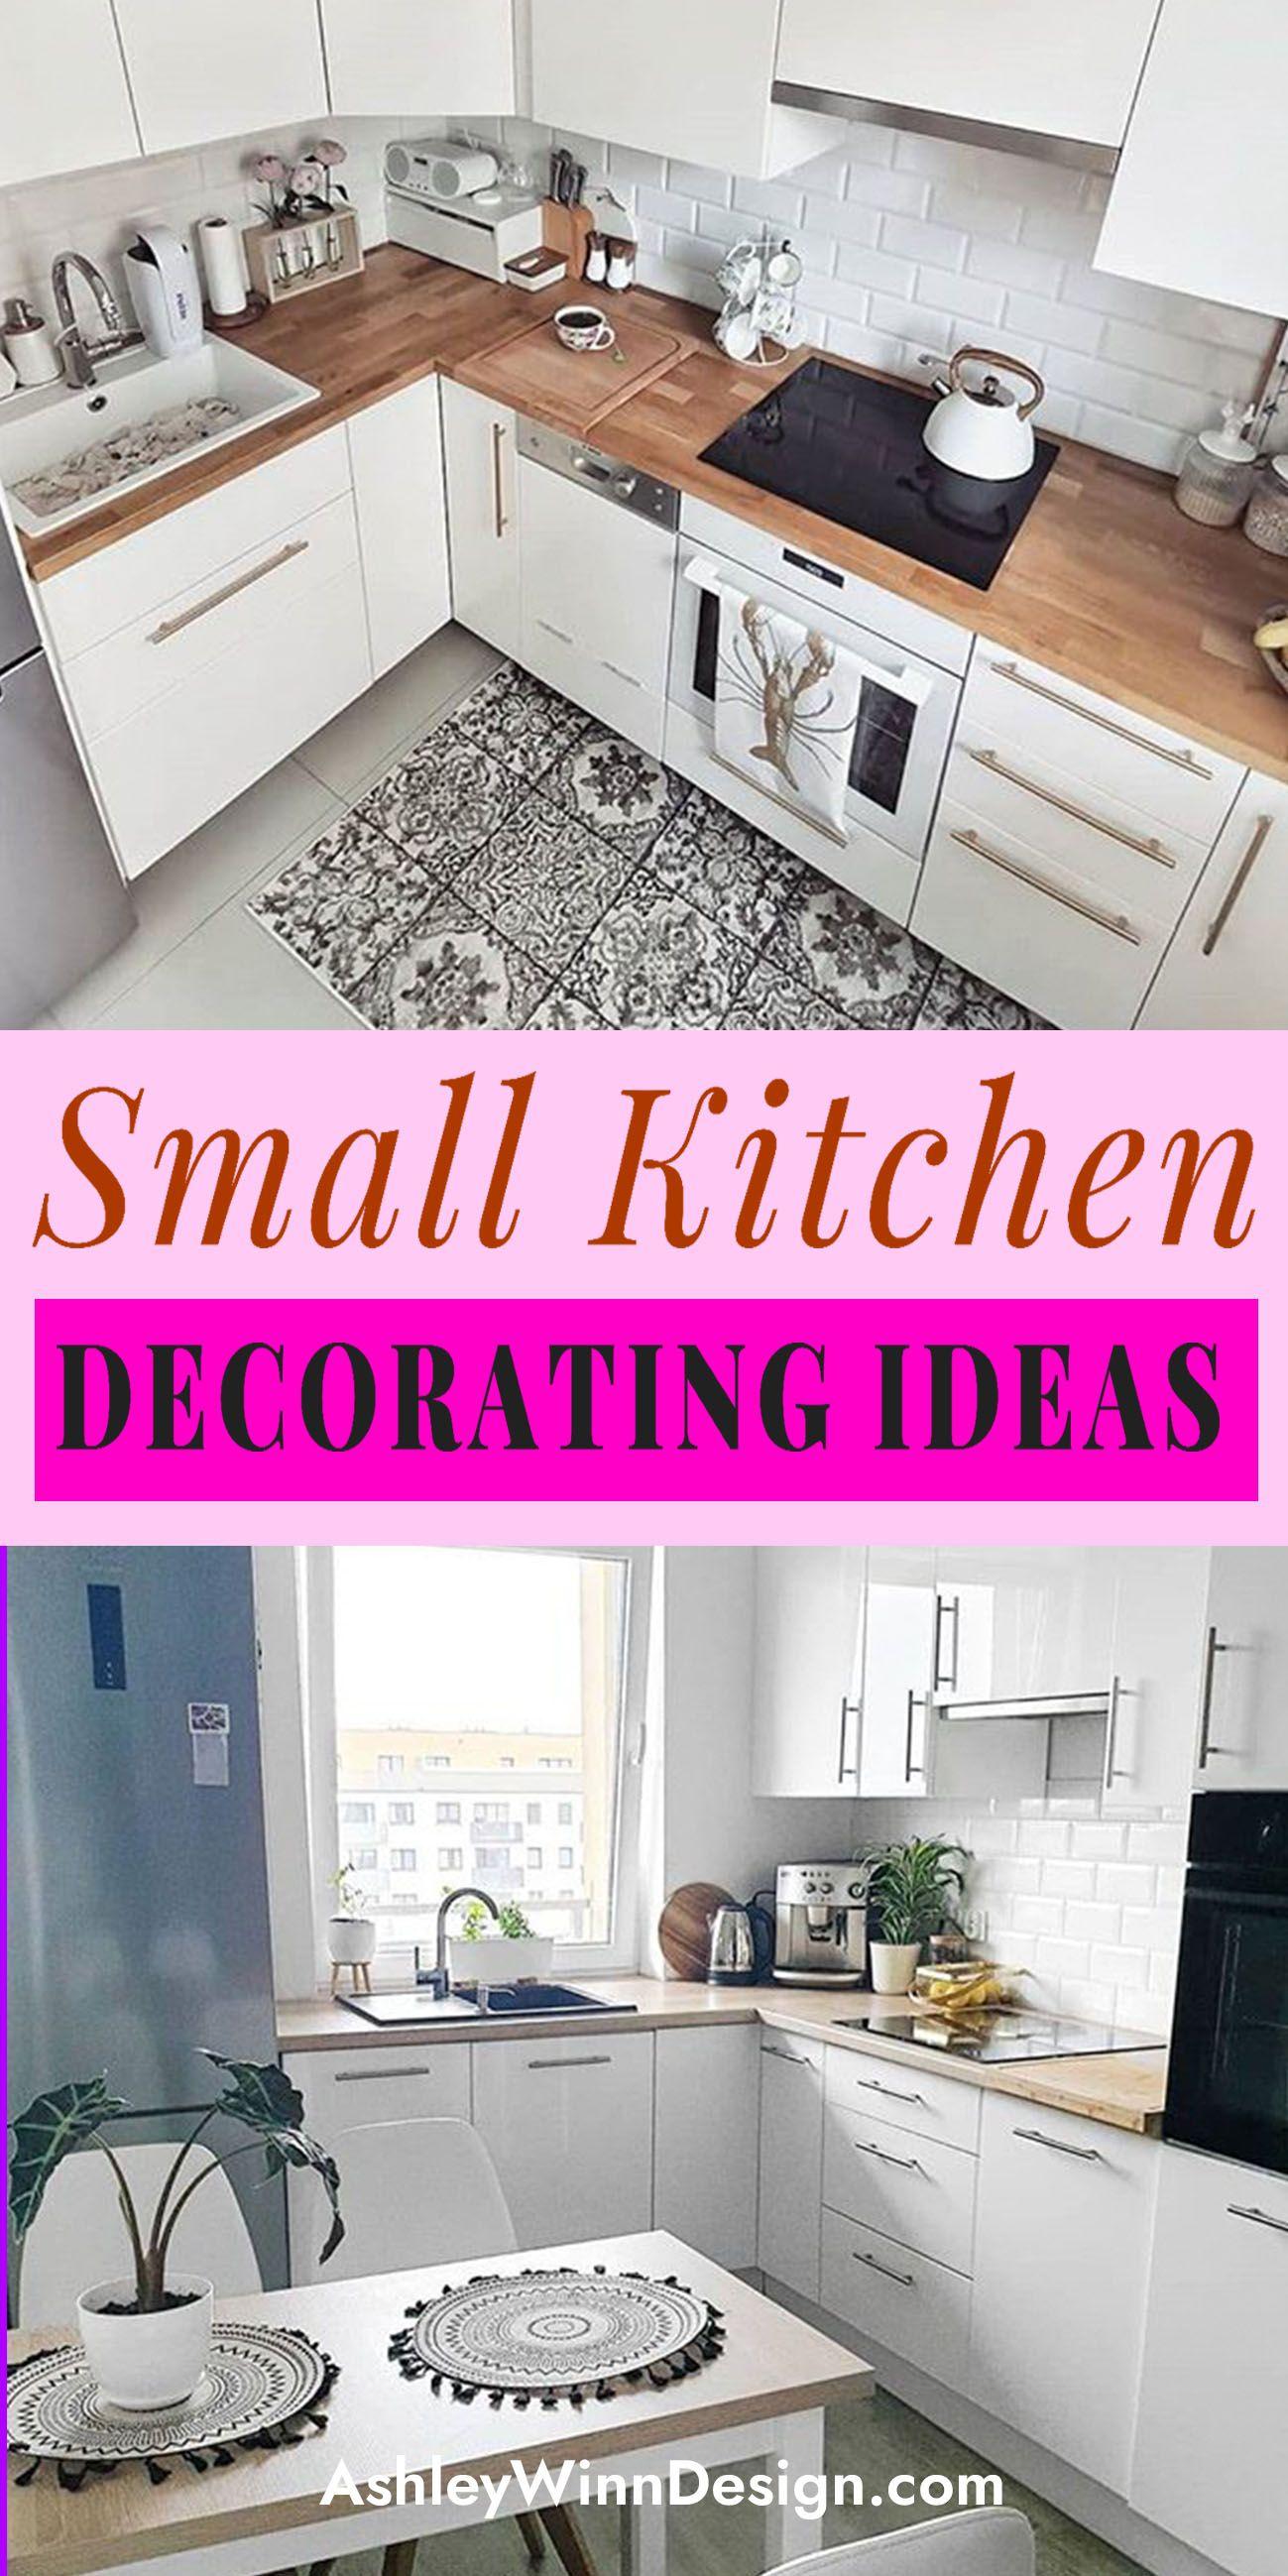 33 Attractive Small Kitchen Design Ideas In 2021 Budget Kitchen Solution Small Kitchen Decor Small Kitchen Solutions Kitchen Design Small